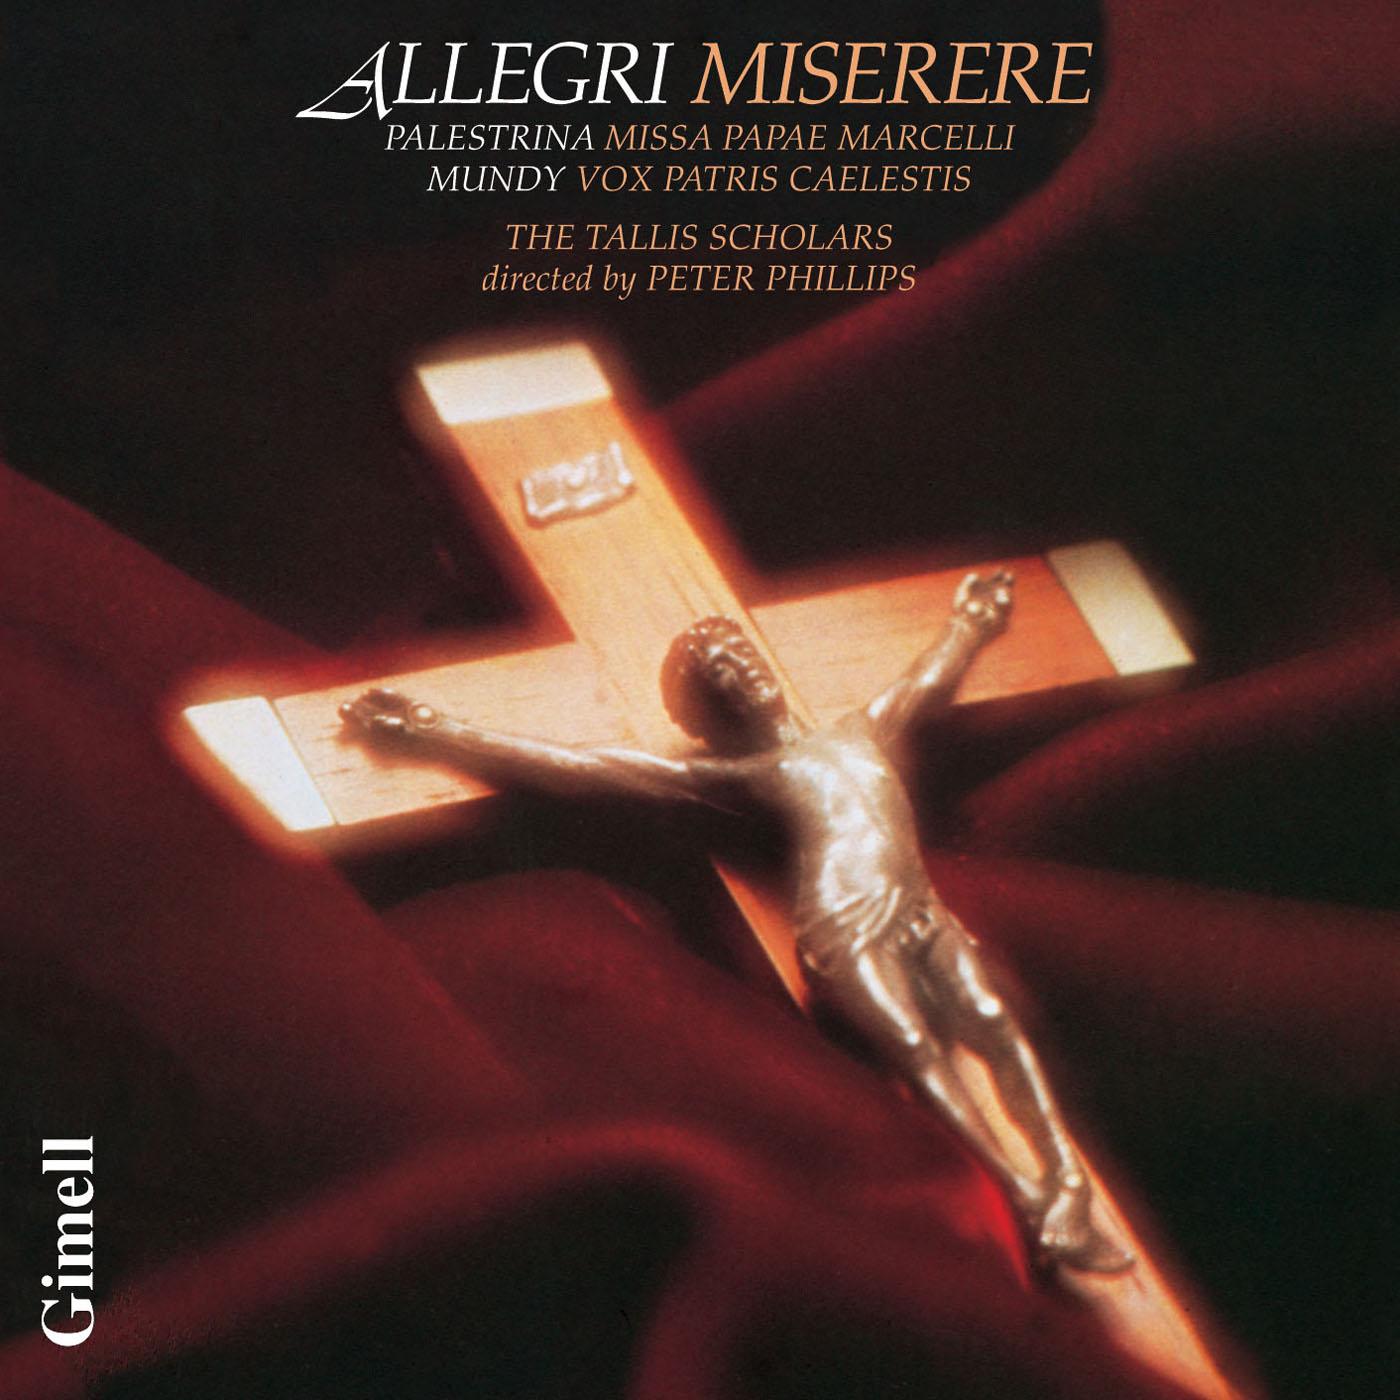 Allegri, Mundy, Palestrina